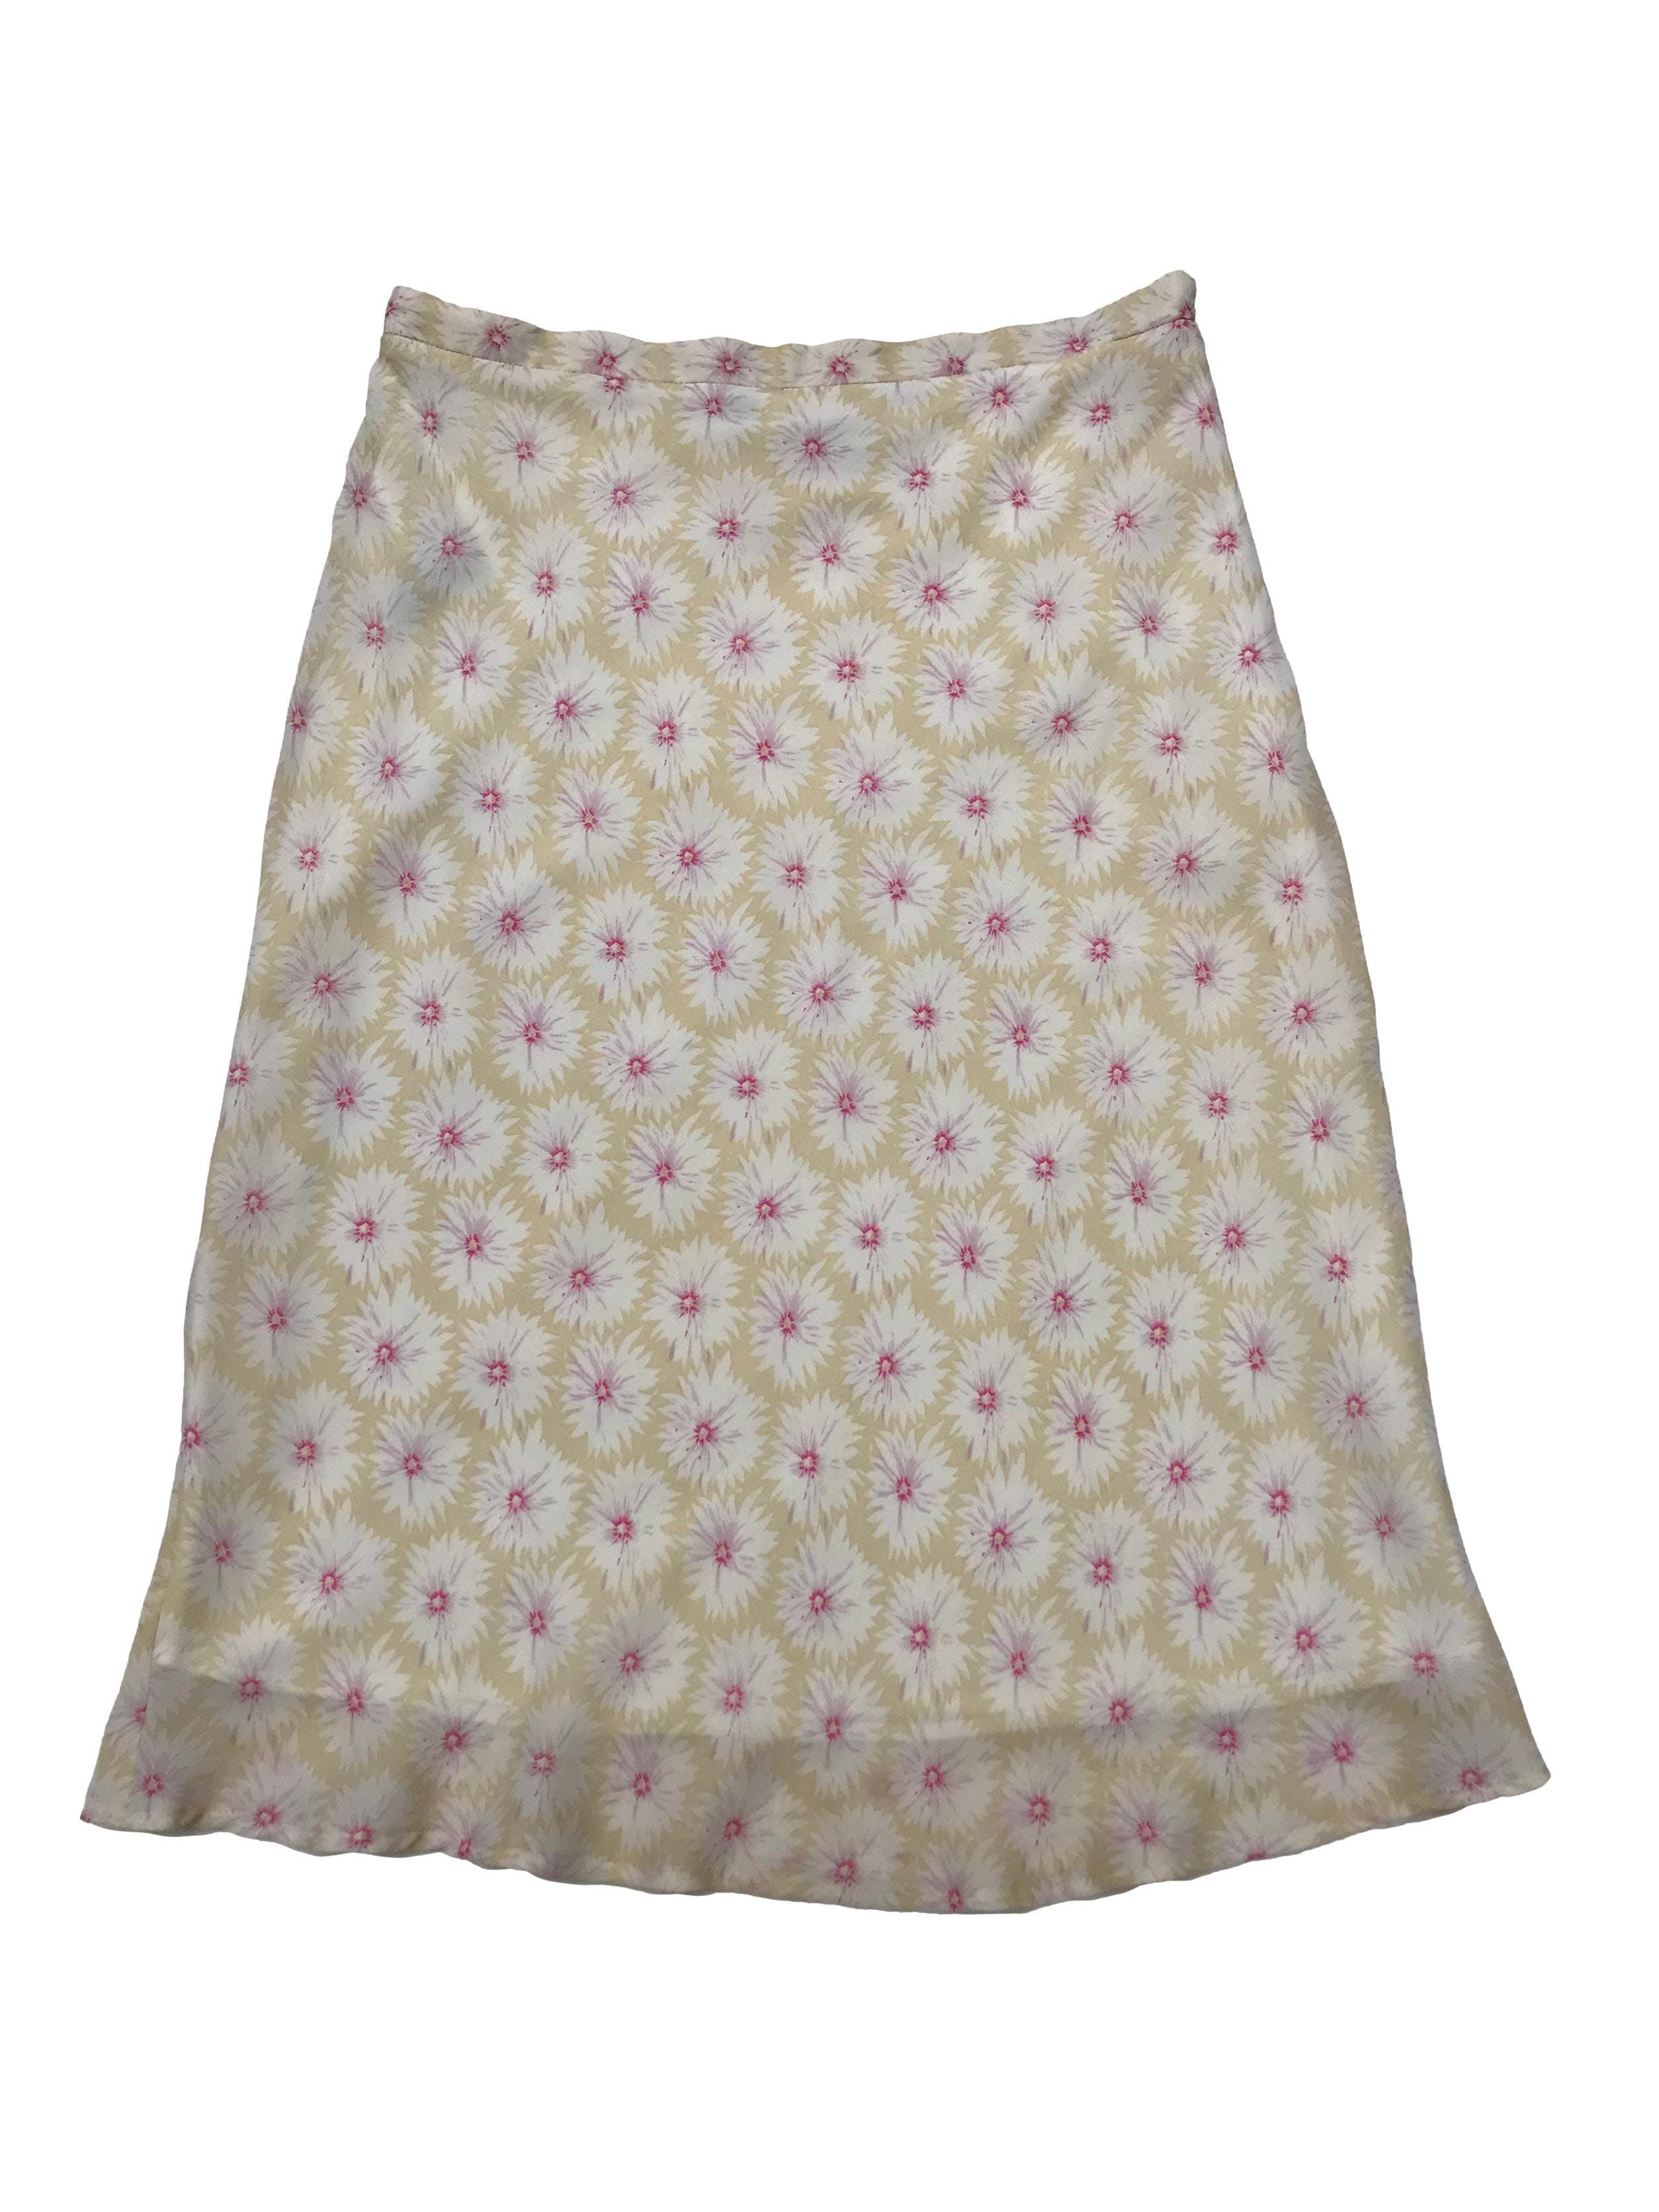 Falda midi Marquis de gasa beige con print de flores, forrada y lleva cierre lateral. Cintura 74cm Largo 70cm